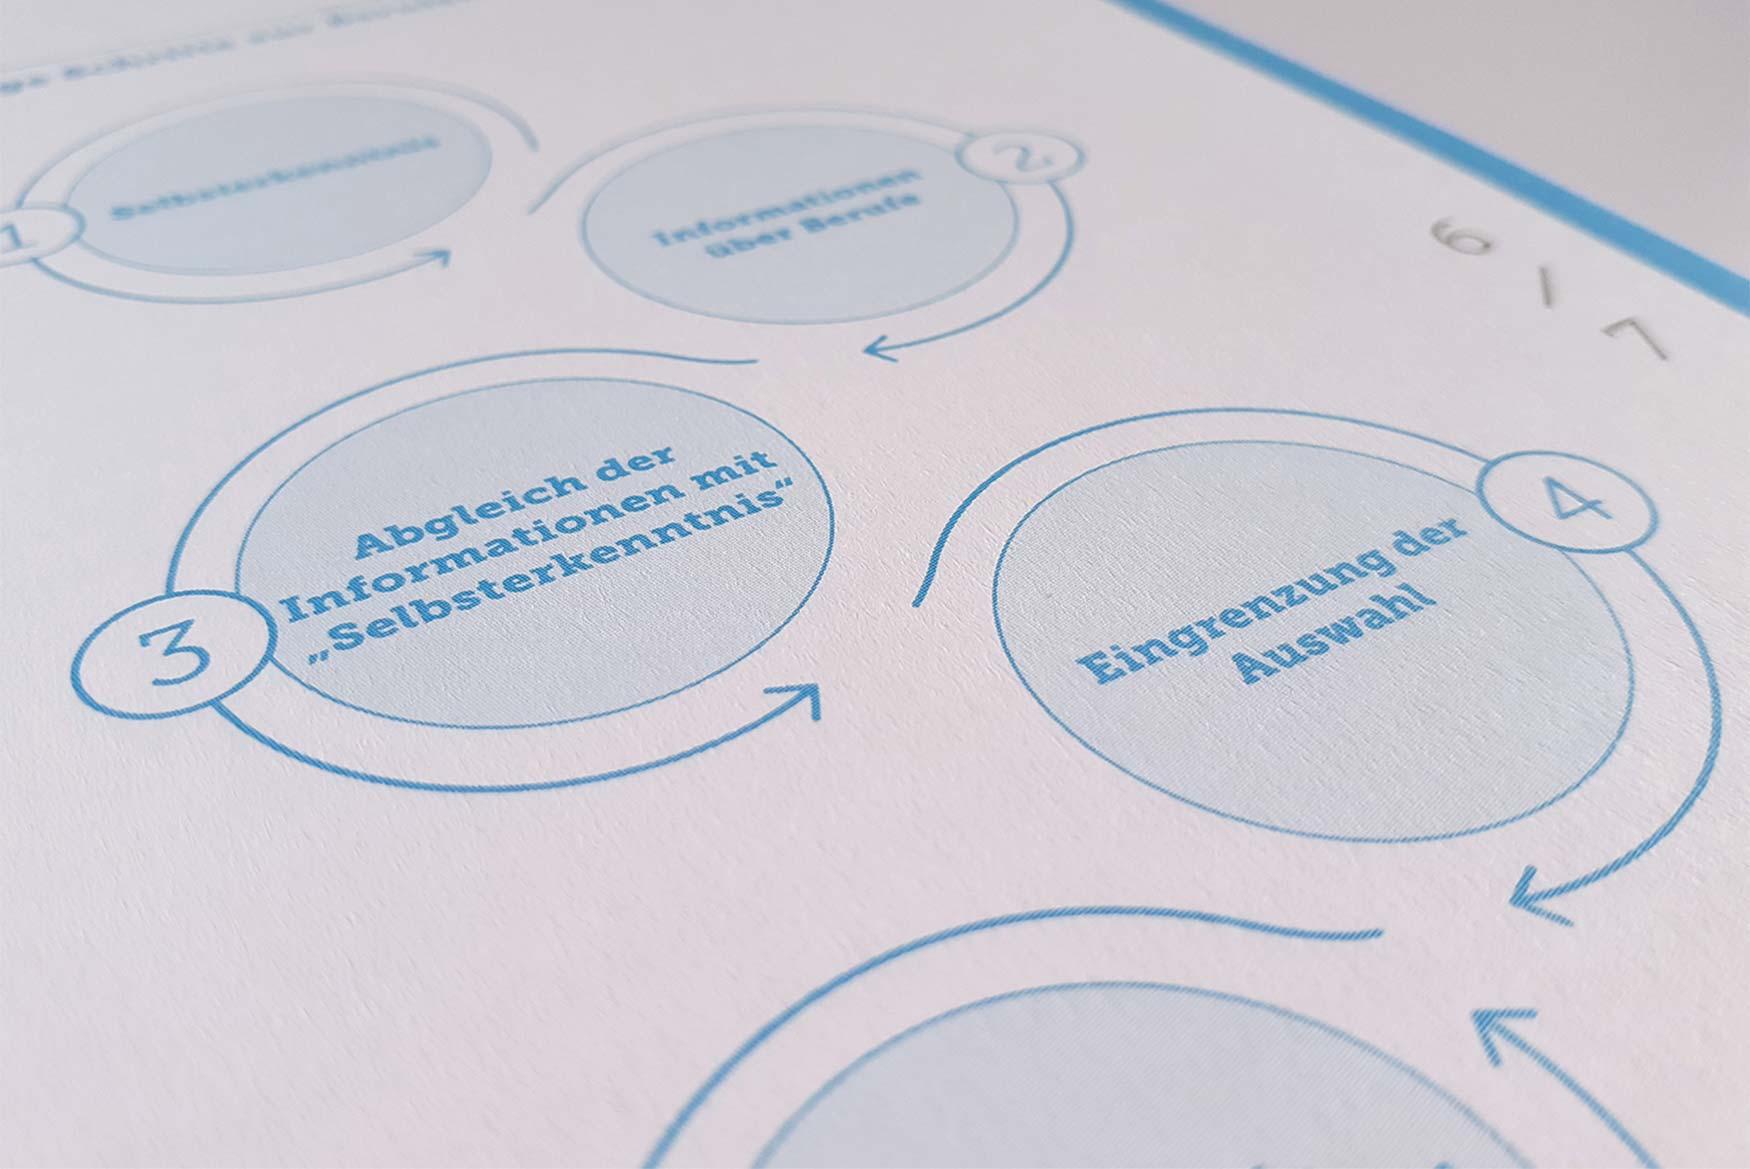 Jahresbericht-FRS-6-Designagentur-Stuttgart-Kreativbetrieb